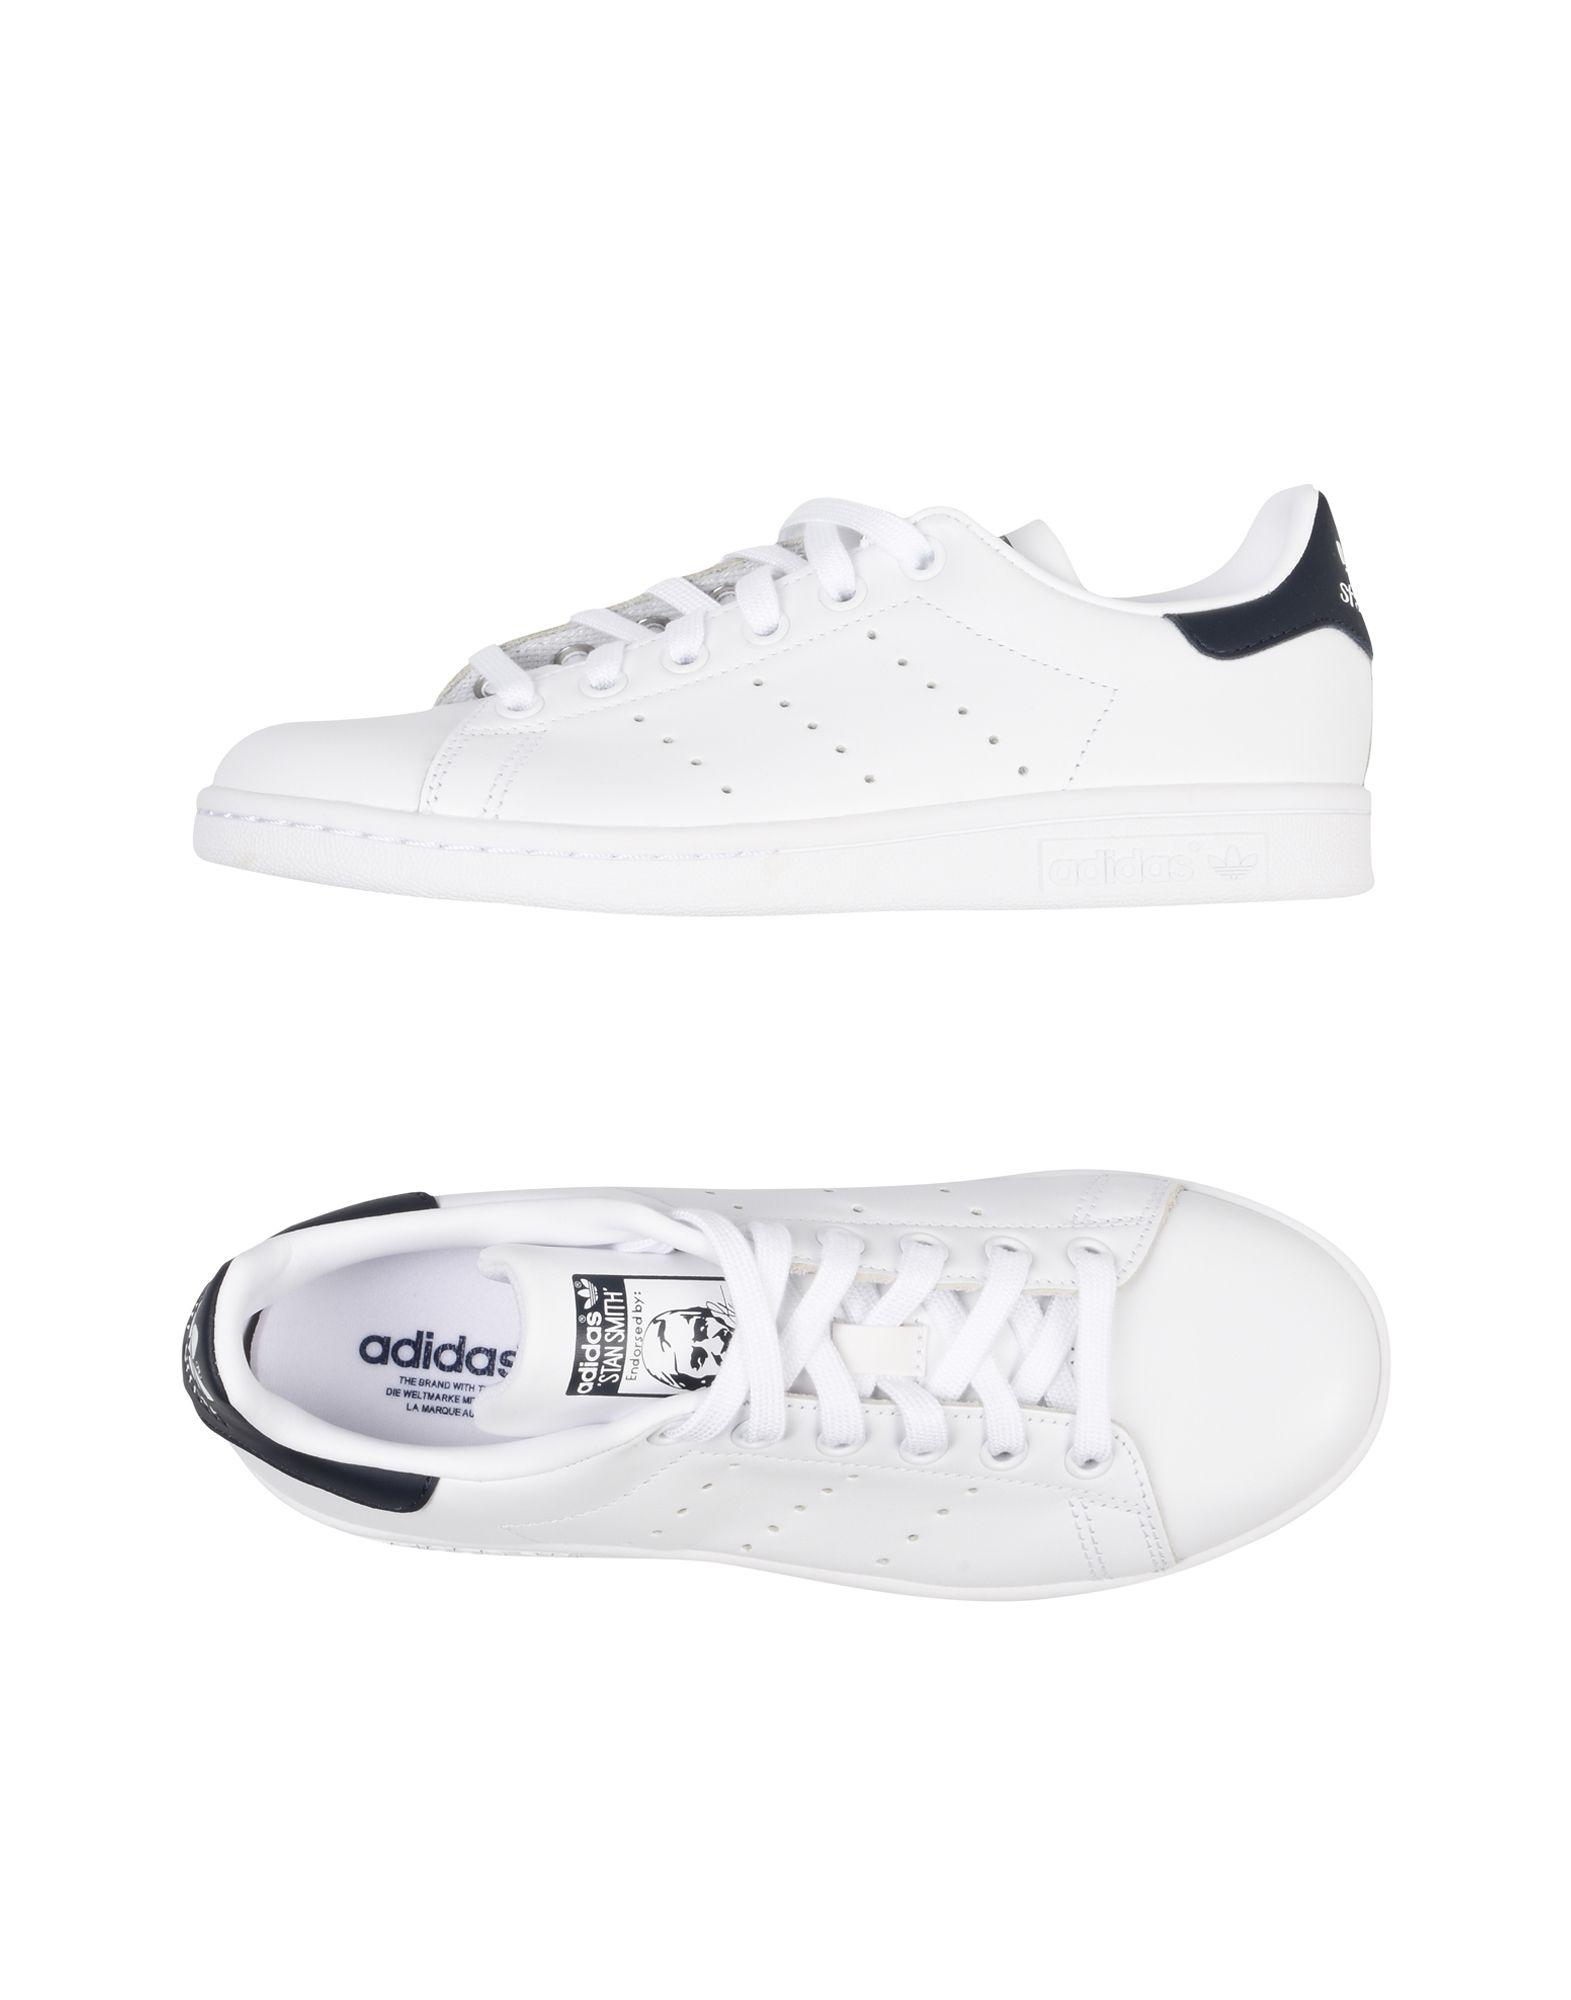 Adidas Originals Stan Smith  11542295MK Gute Qualität beliebte Schuhe